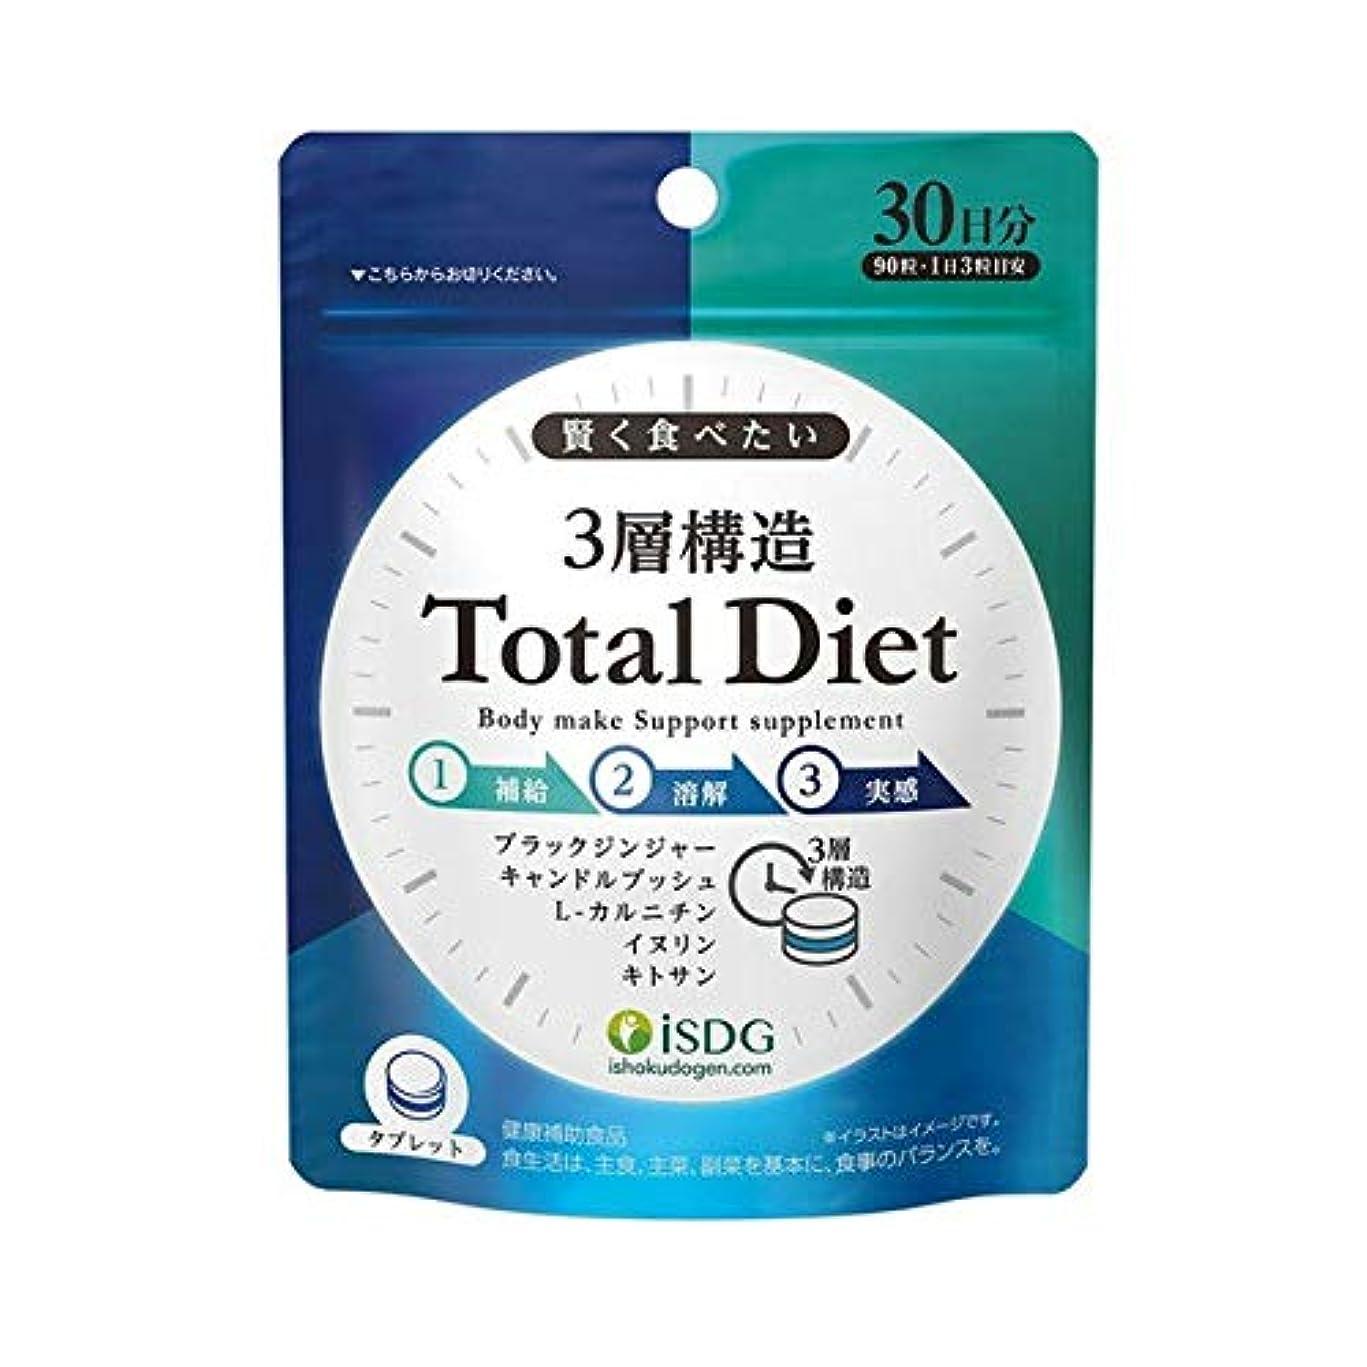 外出どこ散る医食同源ドットコム ISDG 3層構造 Total Diet 90粒入 トータル ダイエット×5個セット